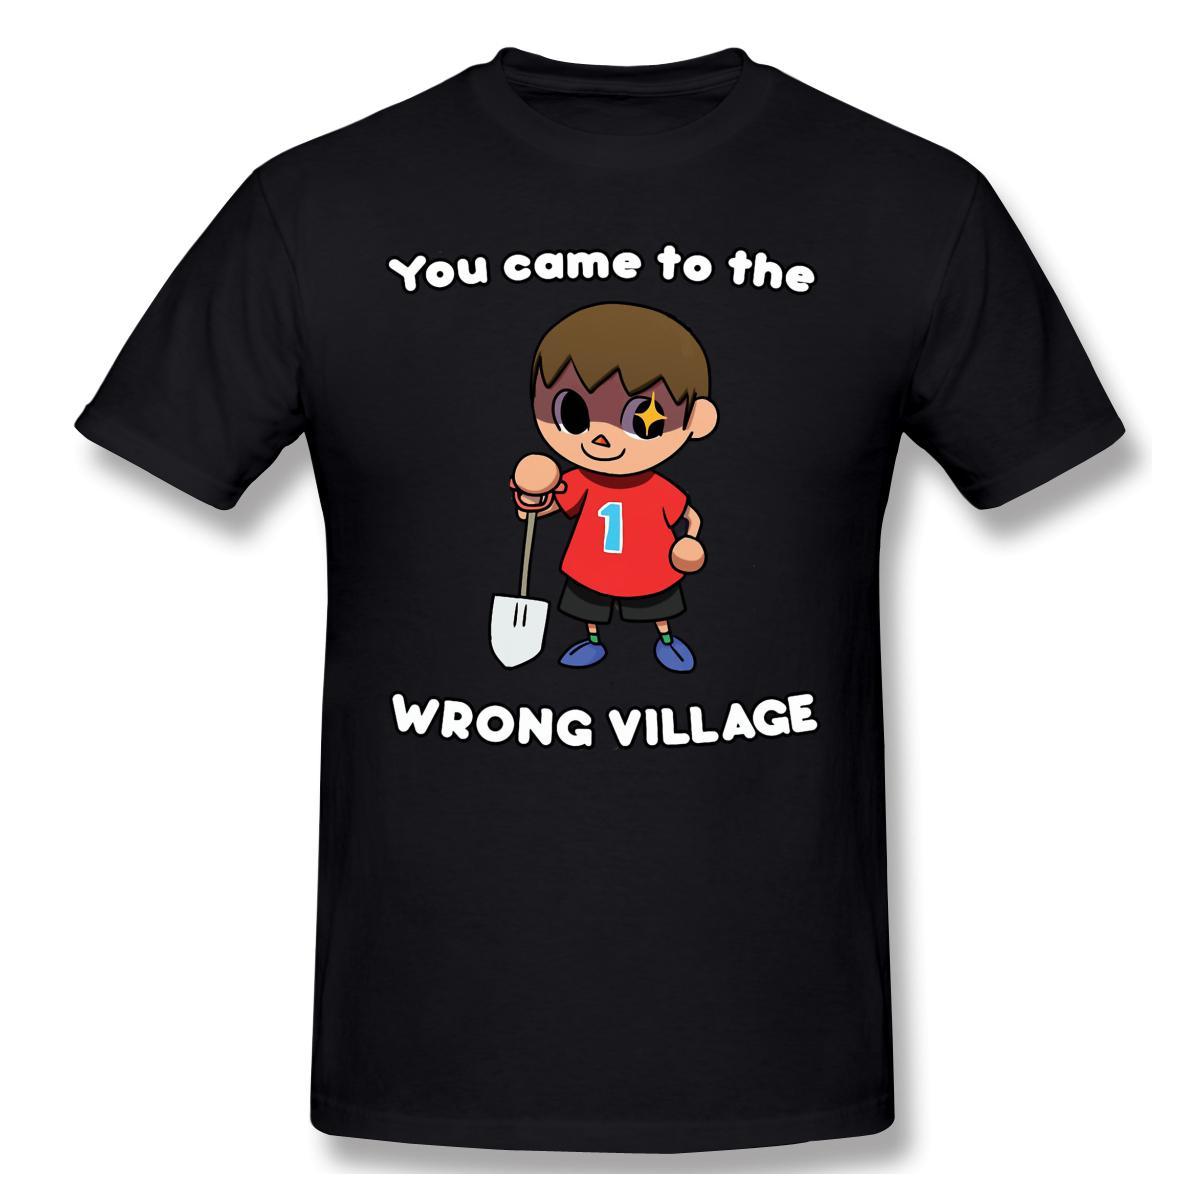 2020 Yeni Geliş SİZE Büyük satış T-Shirt% 100 Pamuk Animal Crossing Yetişkin Crewneck Yuvarlak Yaka ofertas YANLIŞ KÖYE GELDİ